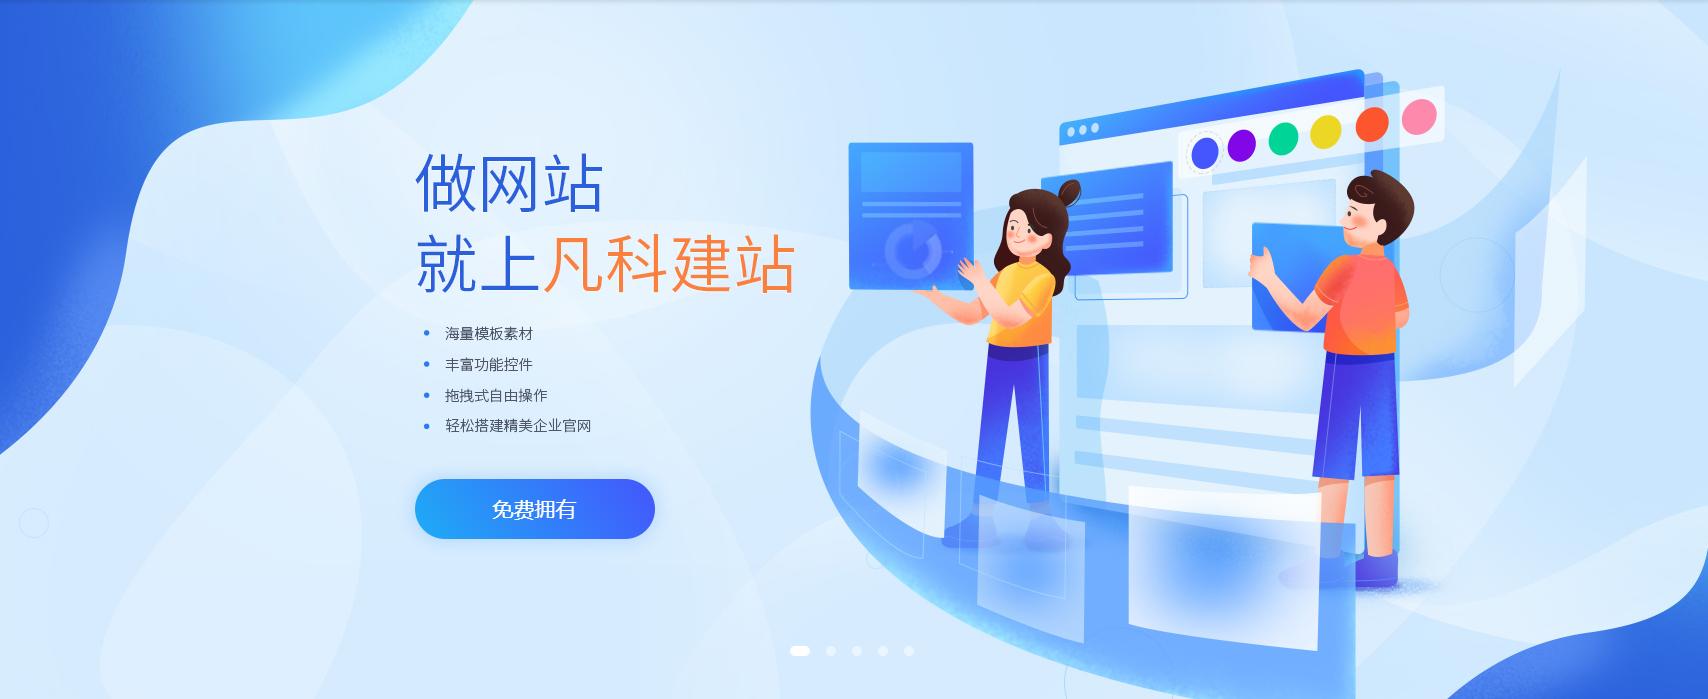 网站设计的示例